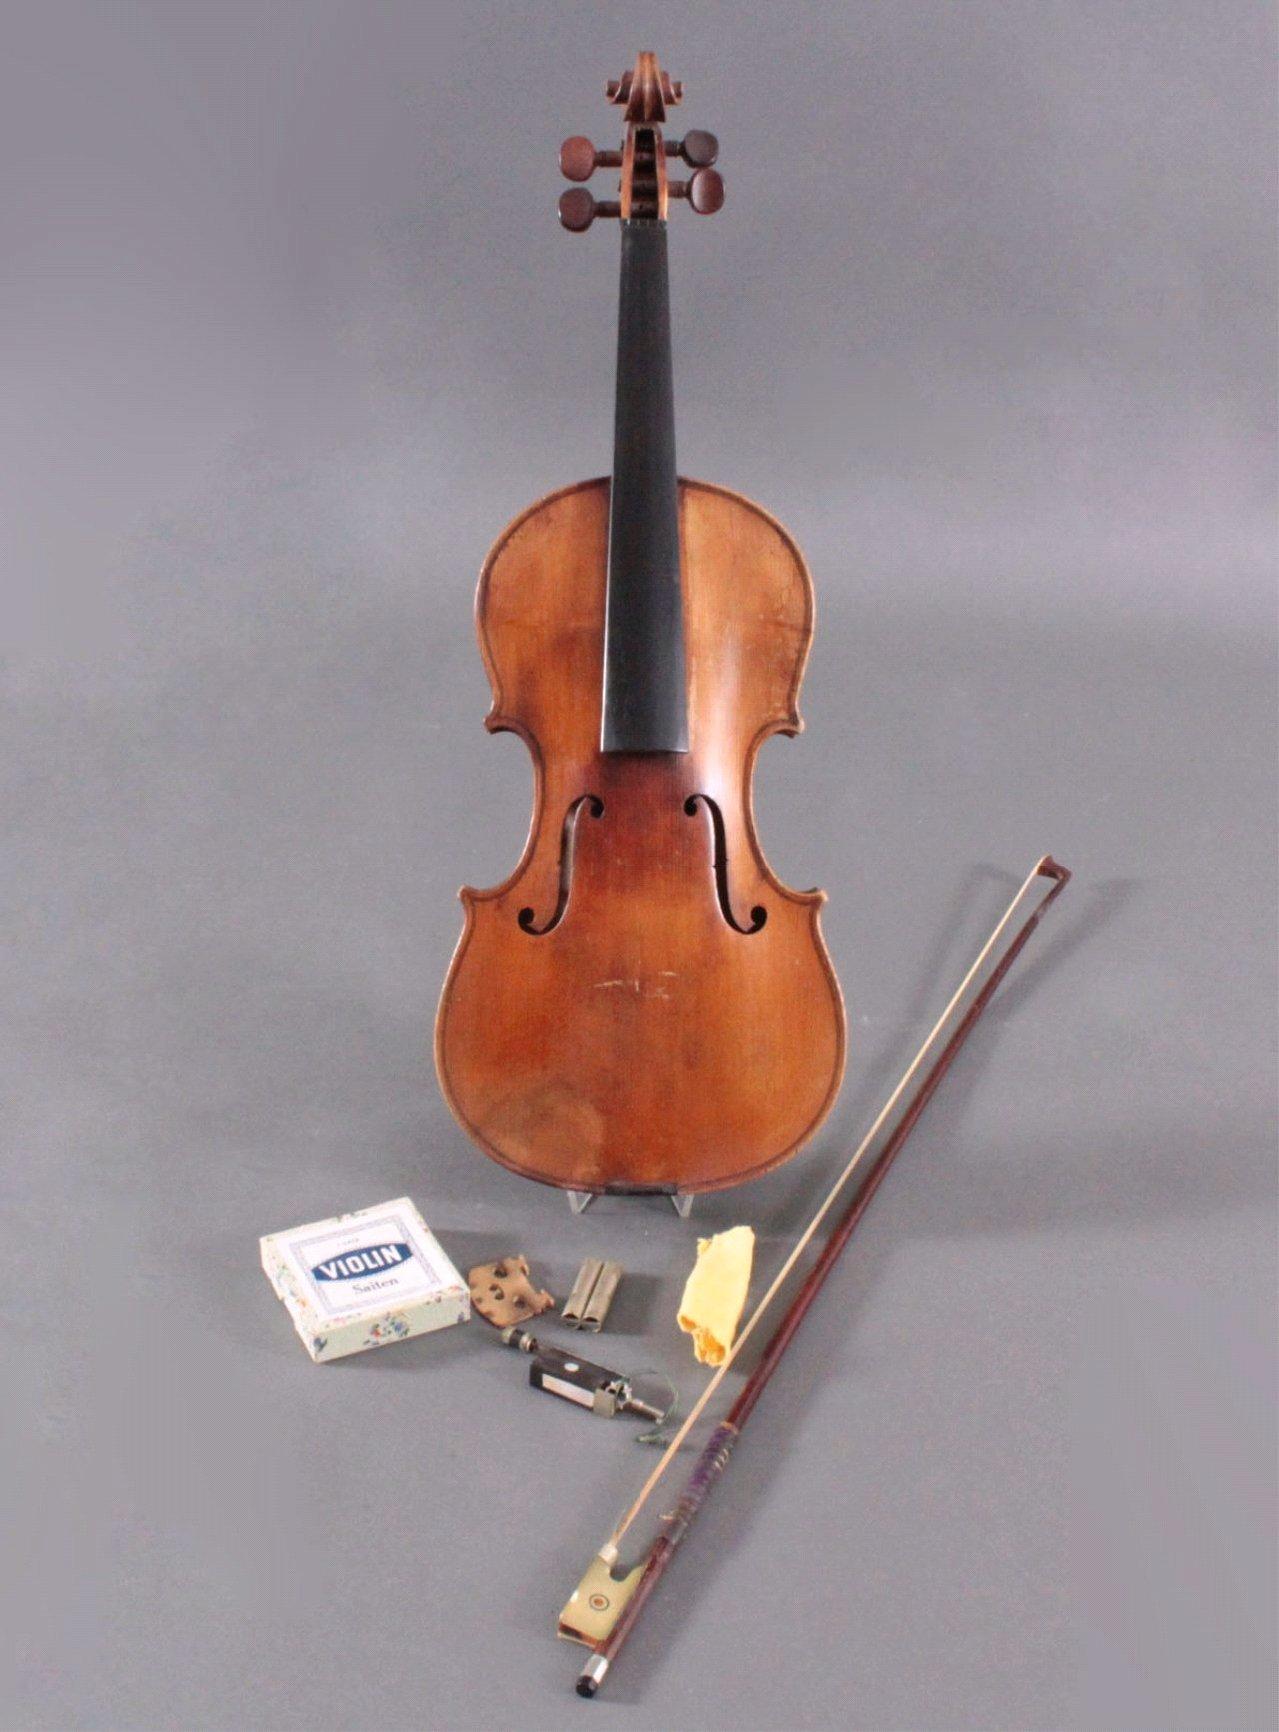 Geige / Violine mit Bogen und Geigenkasten um 1900